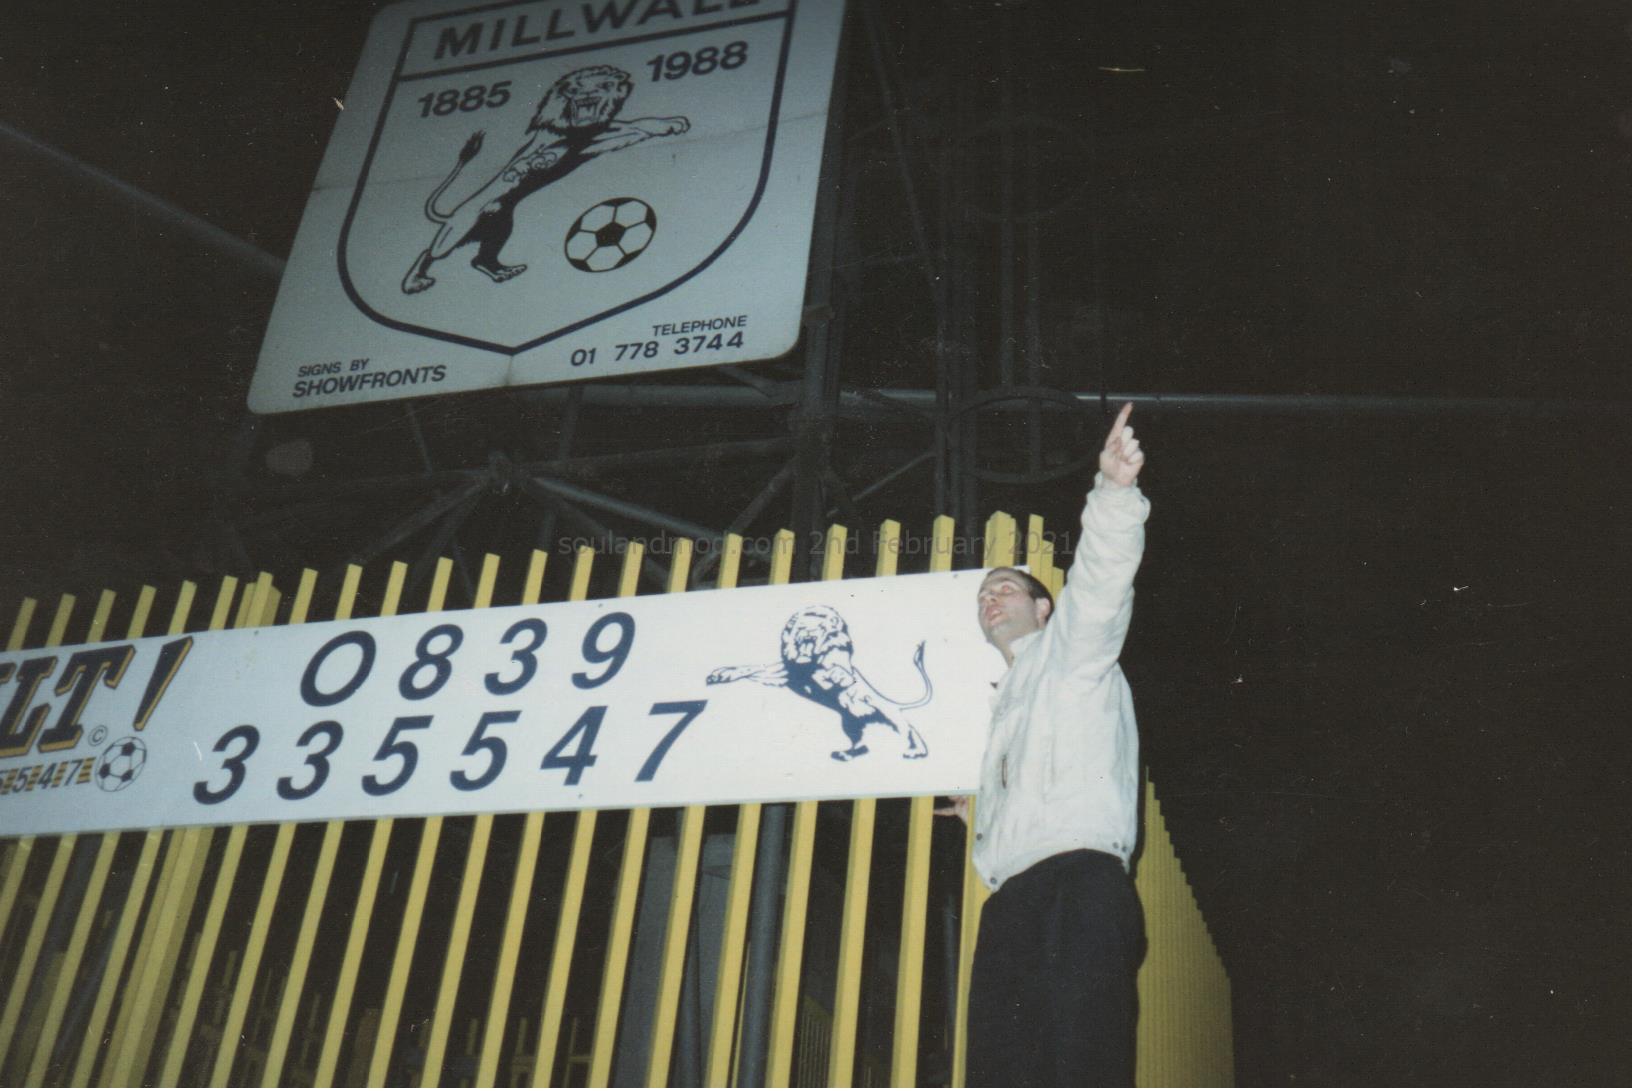 Paul Hallam - Millwall Pylon, 1991